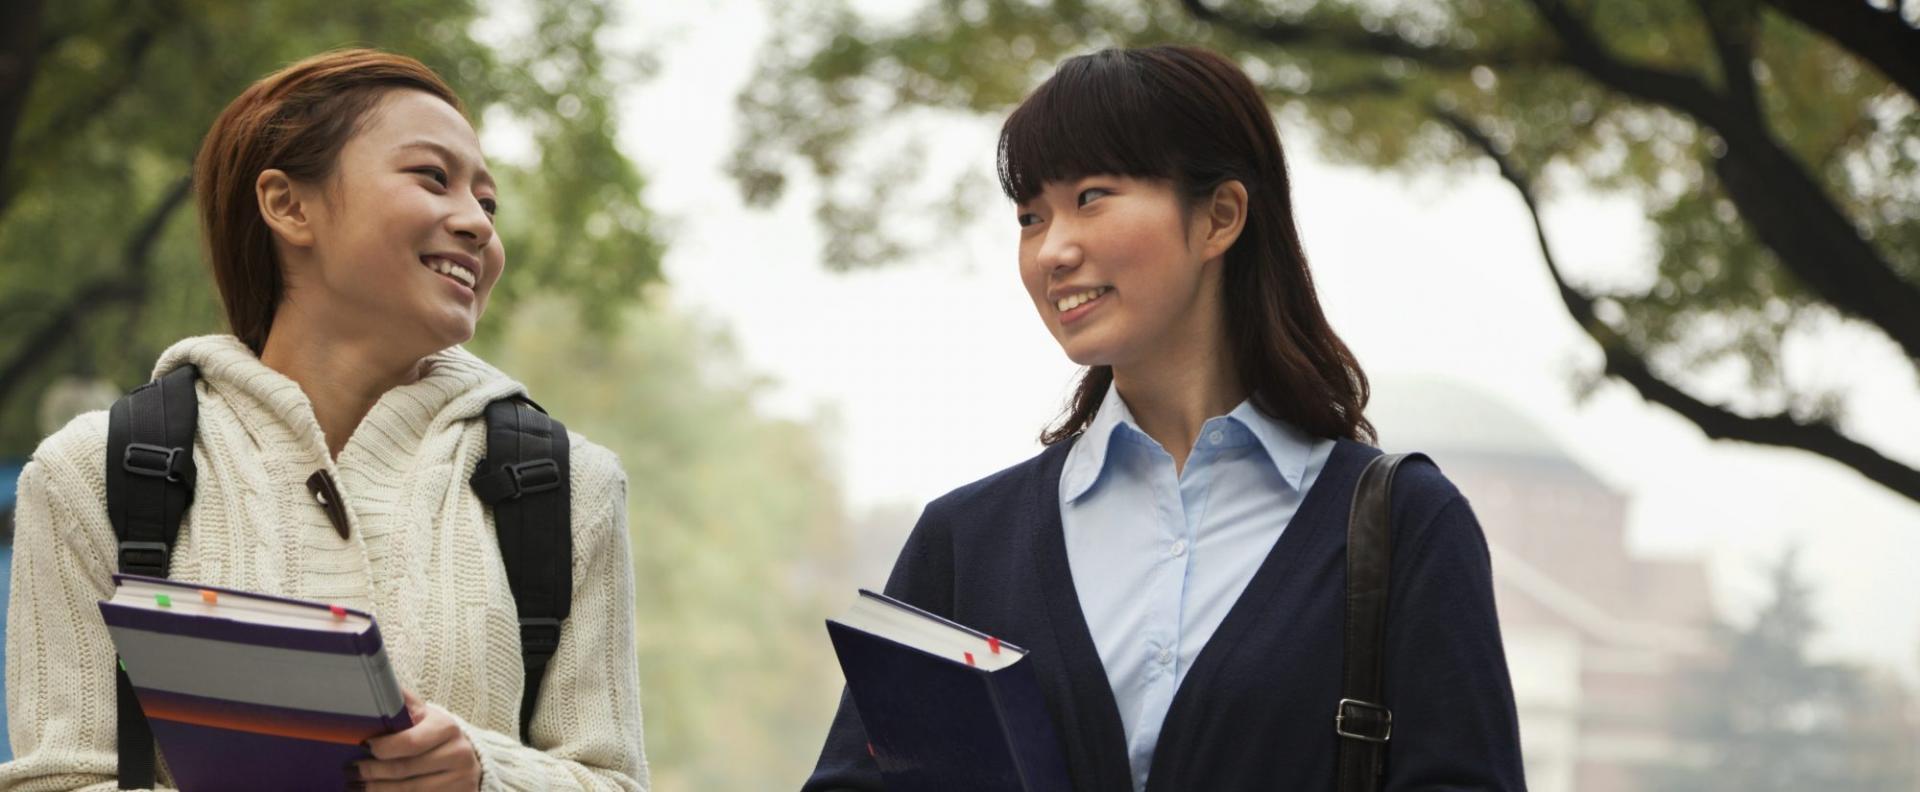 Университеты с изучением китайского языка в Китае